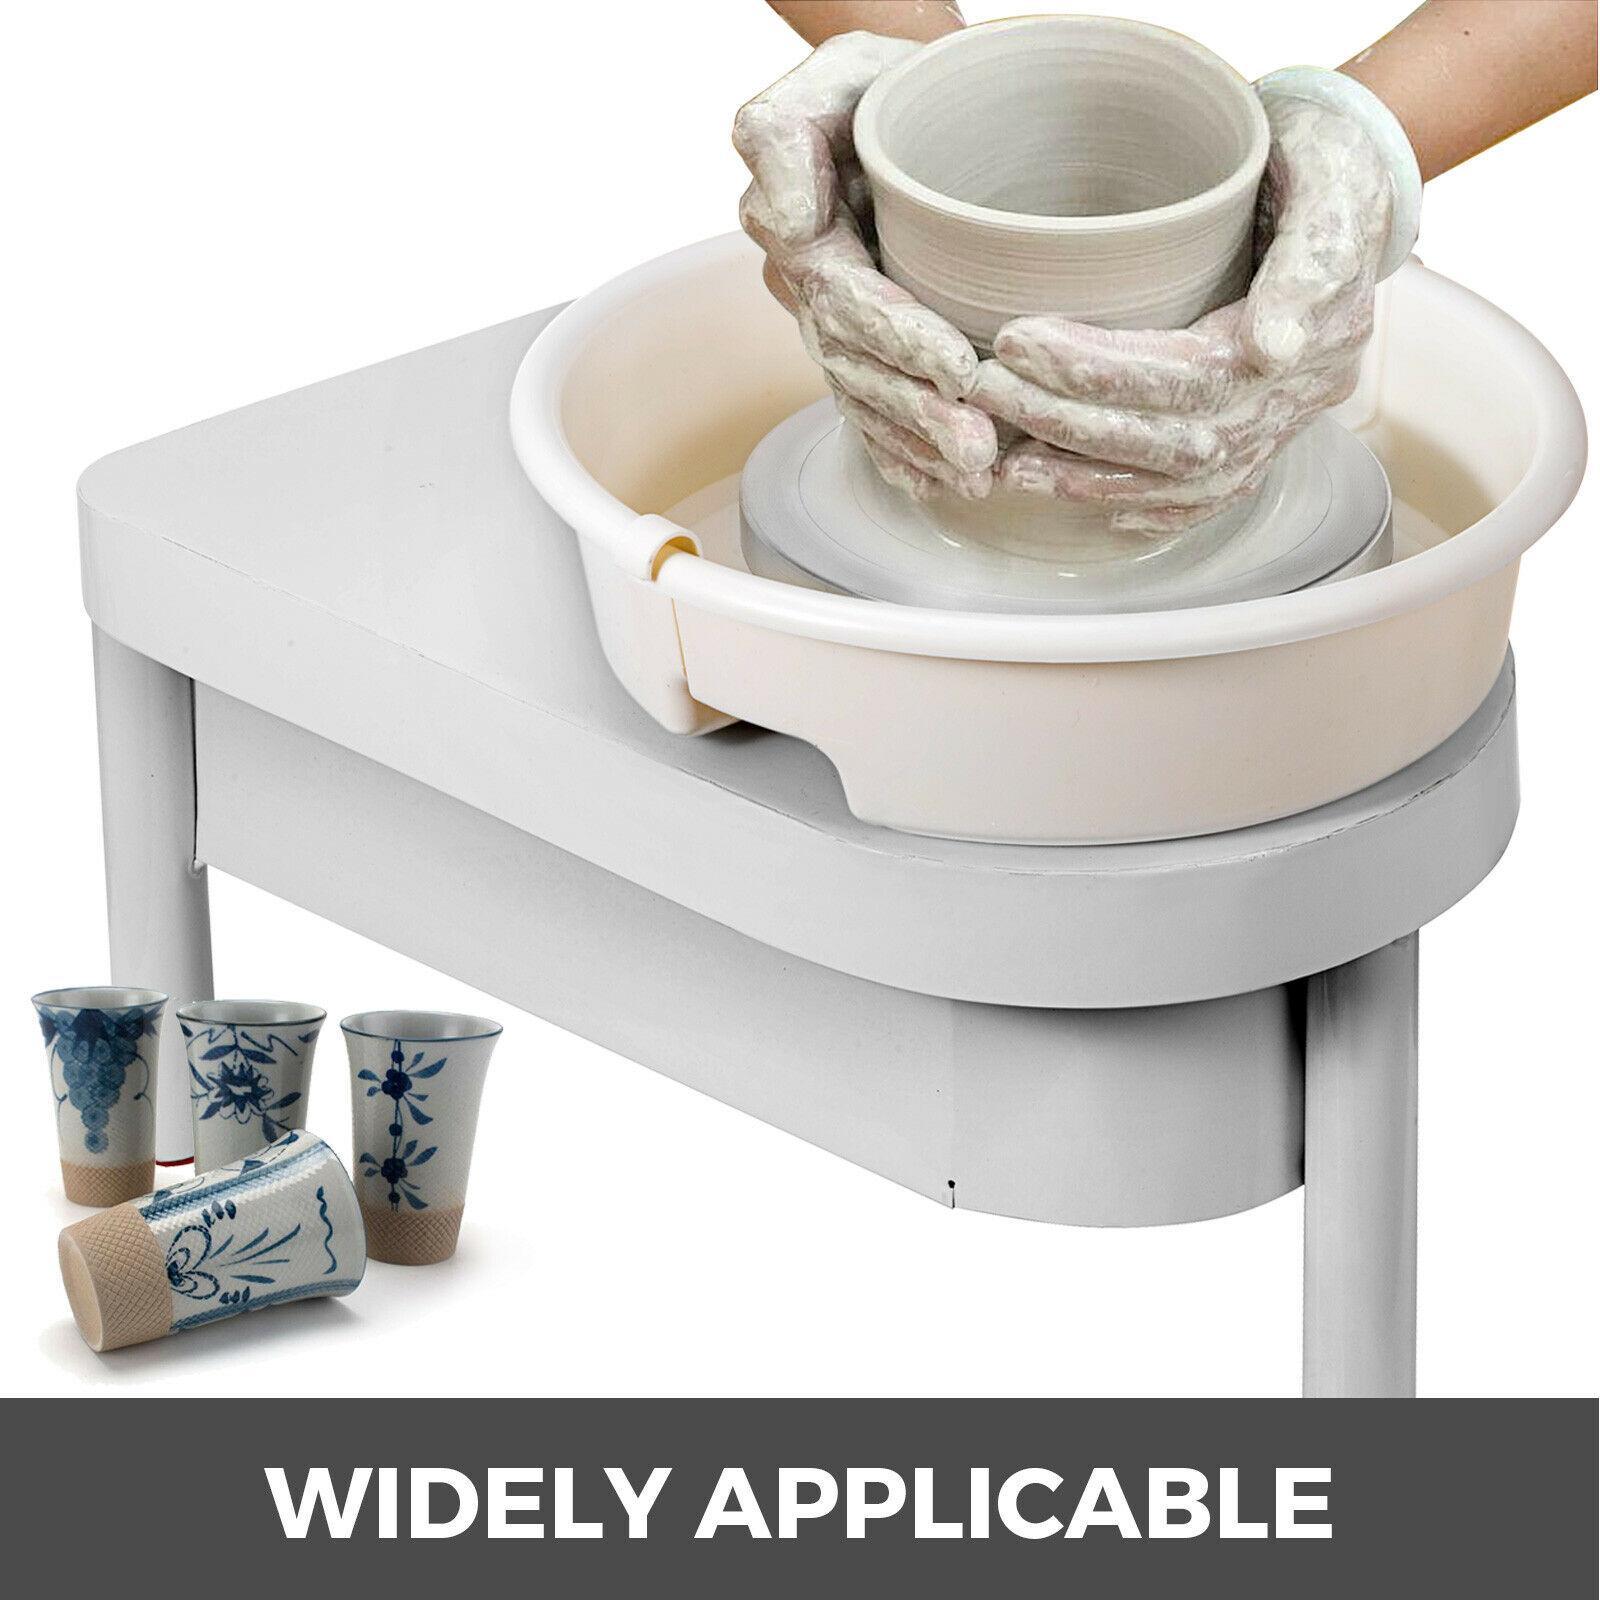 Keramik Rad 25CM Keramik Forming Maschine 350W Elektrische Keramik Rad mit Fuß Pedal und Abnehmbare Becken Einfache Reinigung